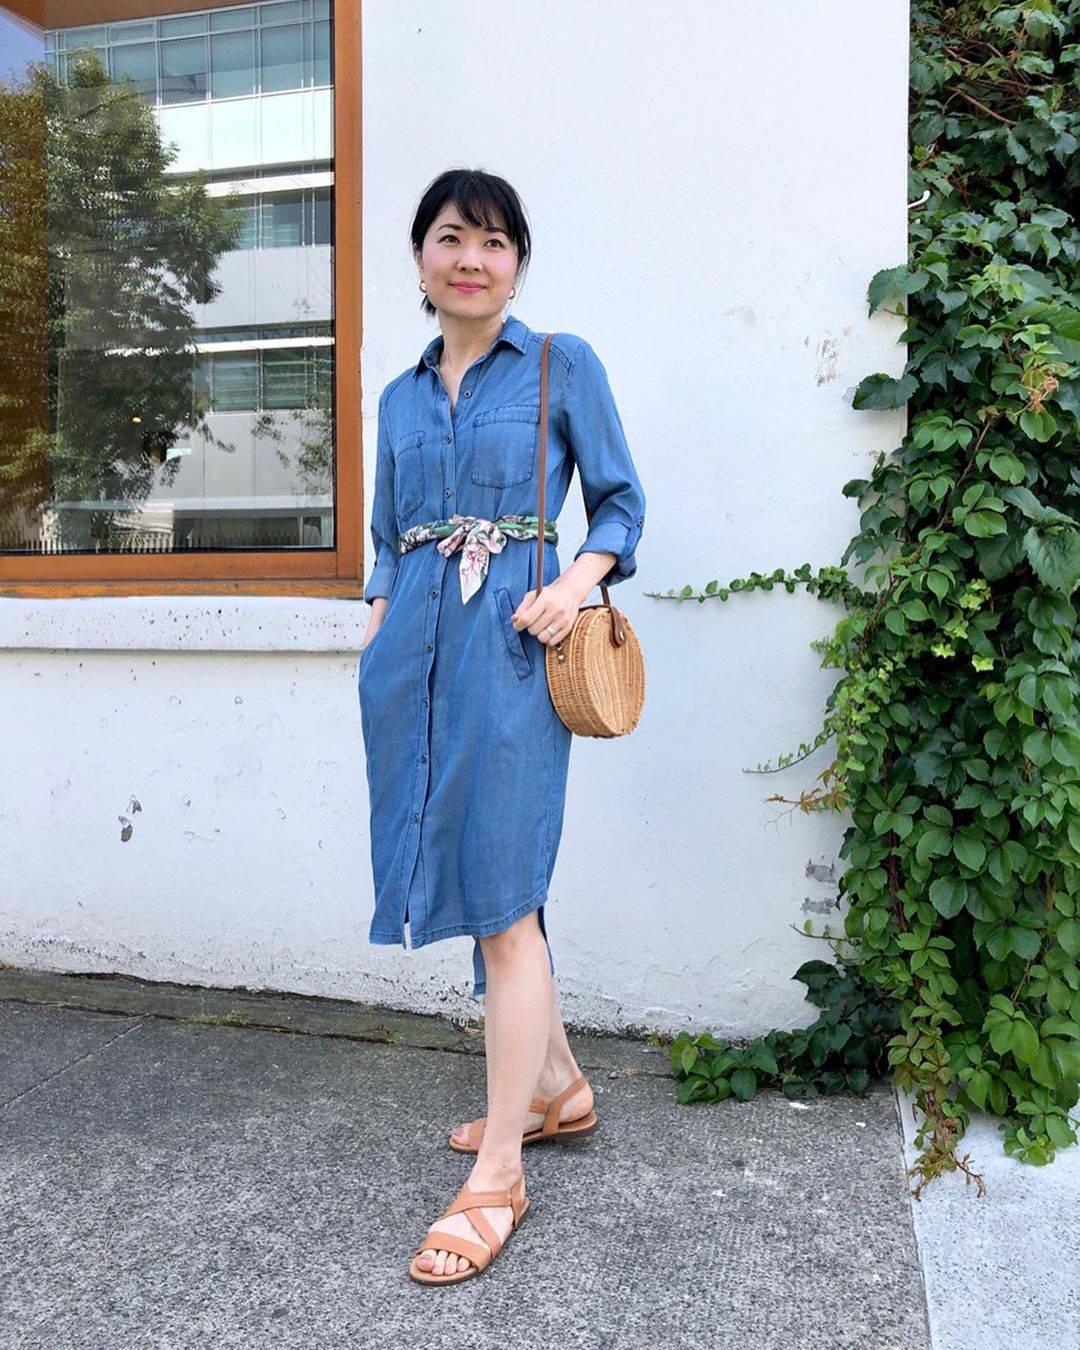 最高気温34度・最低気温25度 i.styleclosetの服装